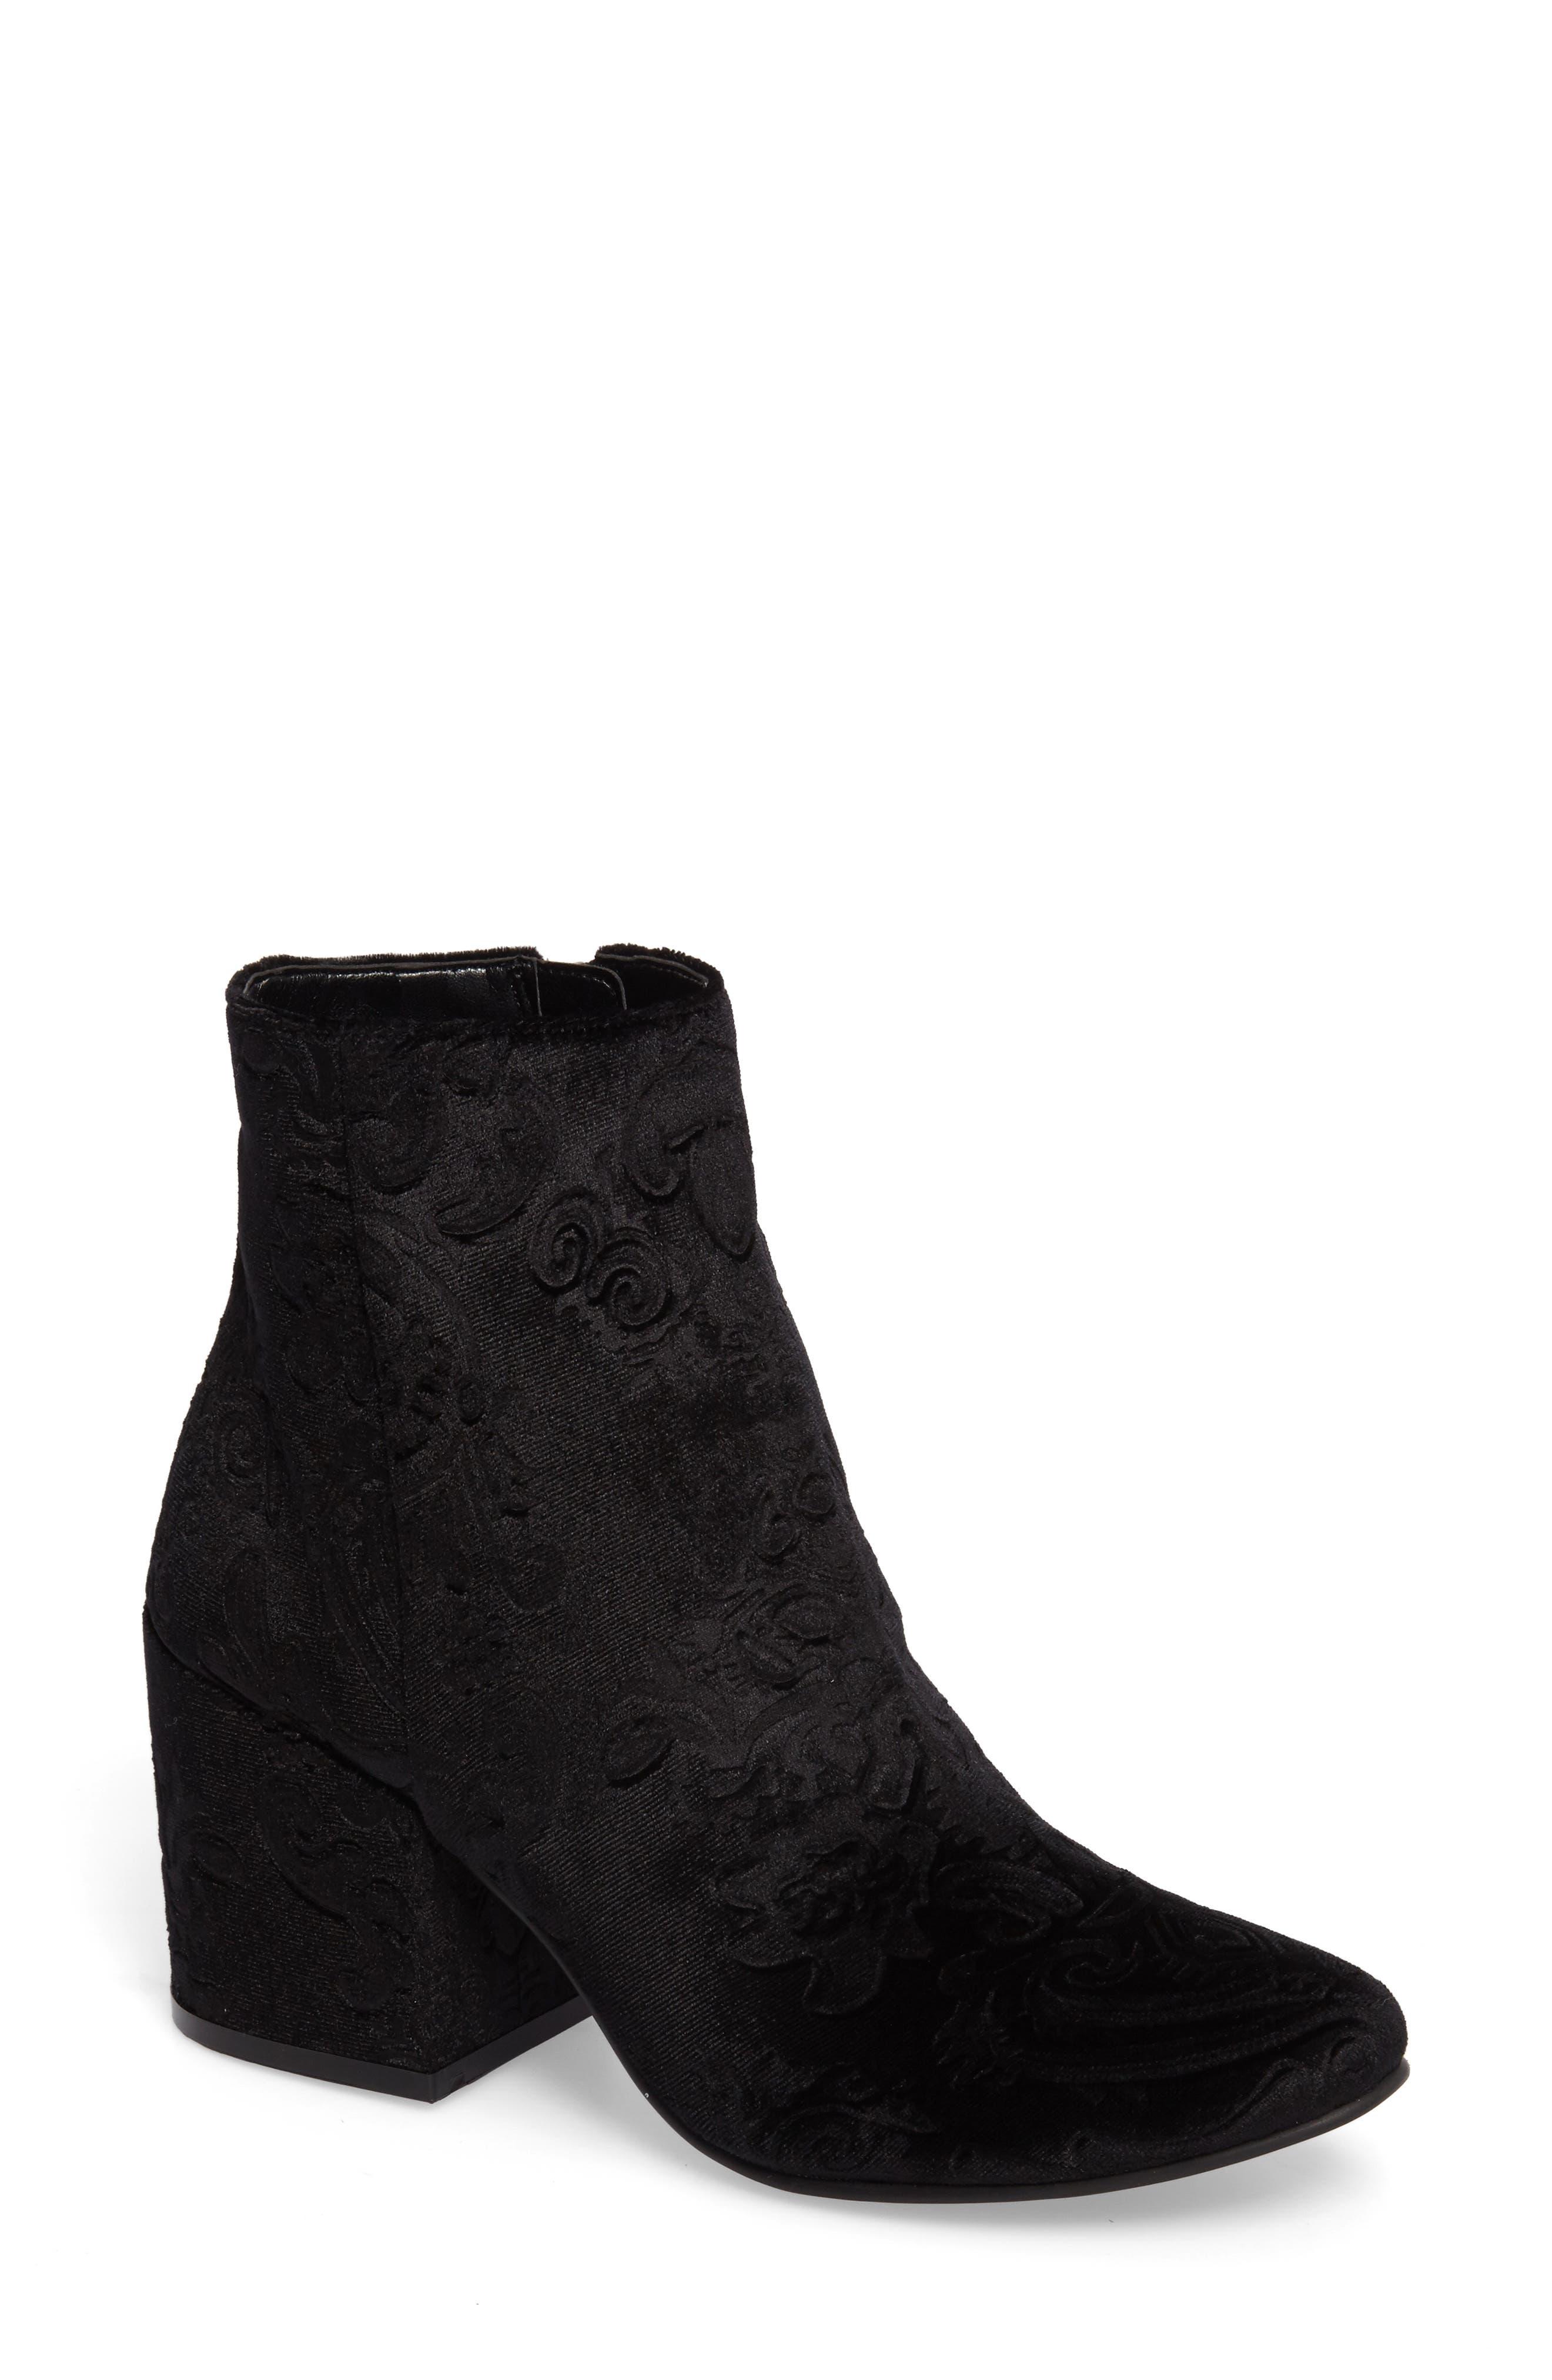 Marian Block Heel Bootie,                         Main,                         color, 004